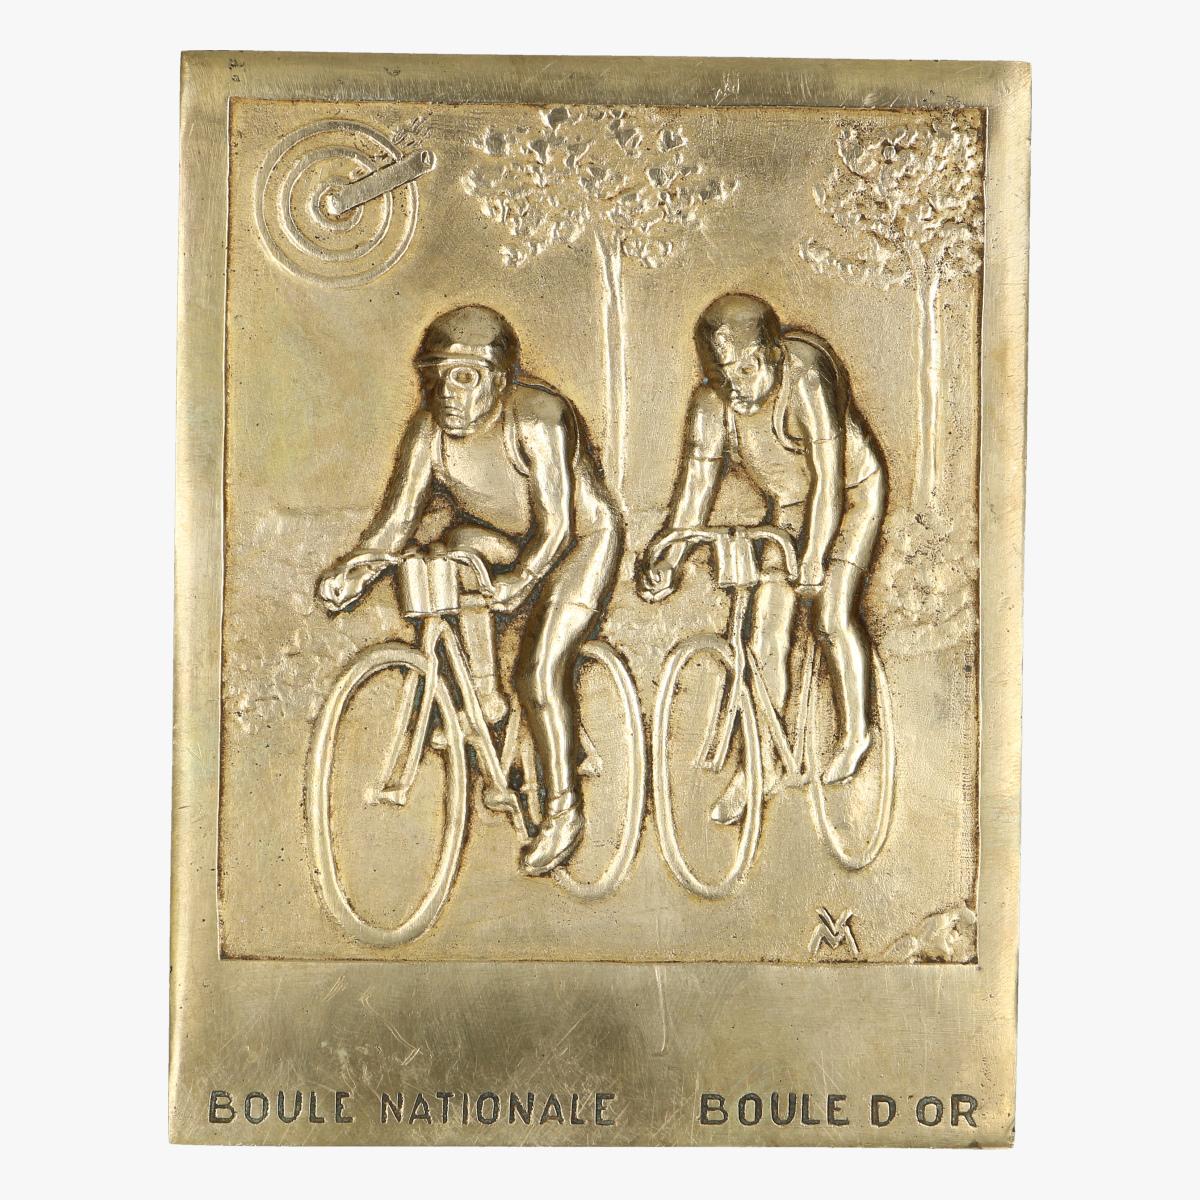 Afbeeldingen van mooie oud messing bordje boule nationale boule d'or wielrennen